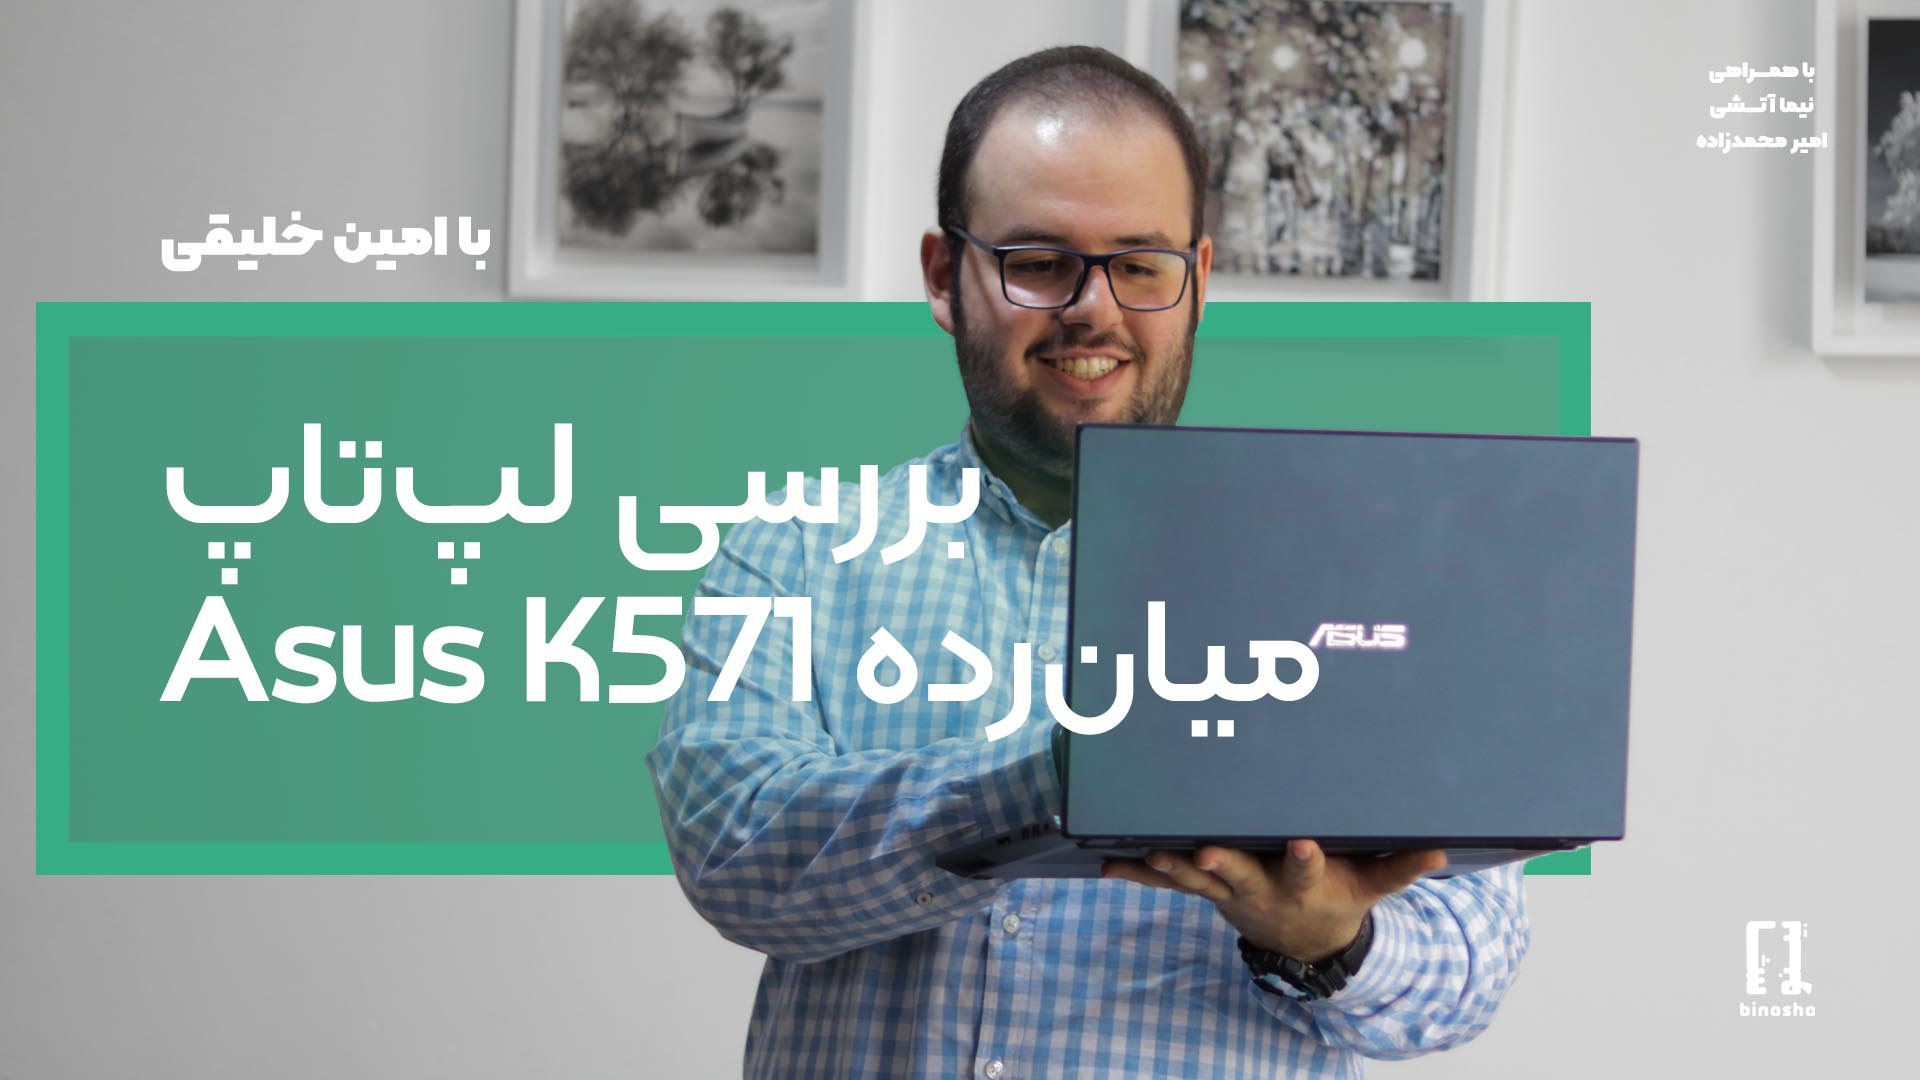 بررسی لپتاپ ایسوس K571 (از بهترین لپتاپهای میانرده بازار) | Asus K571 Review